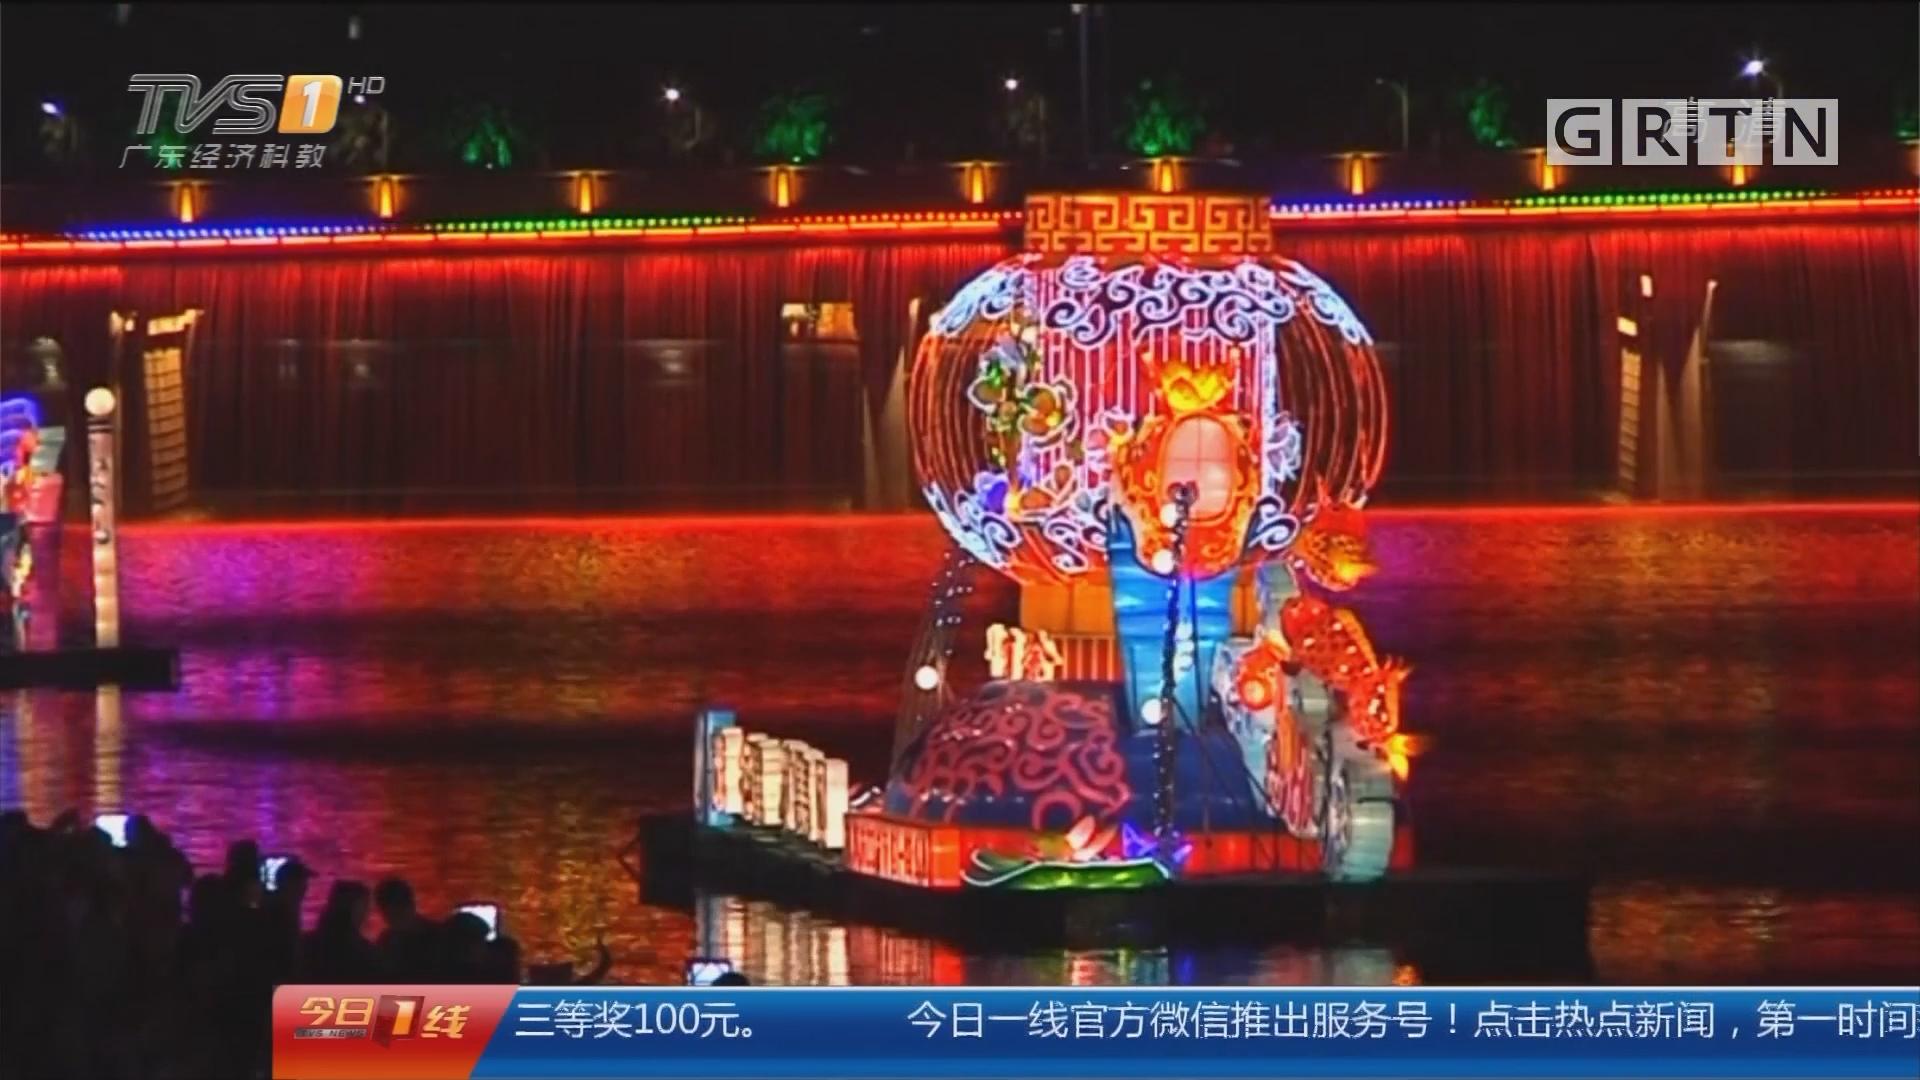 广东各地闹元宵 茂名:花灯璀璨 过节气氛浓厚